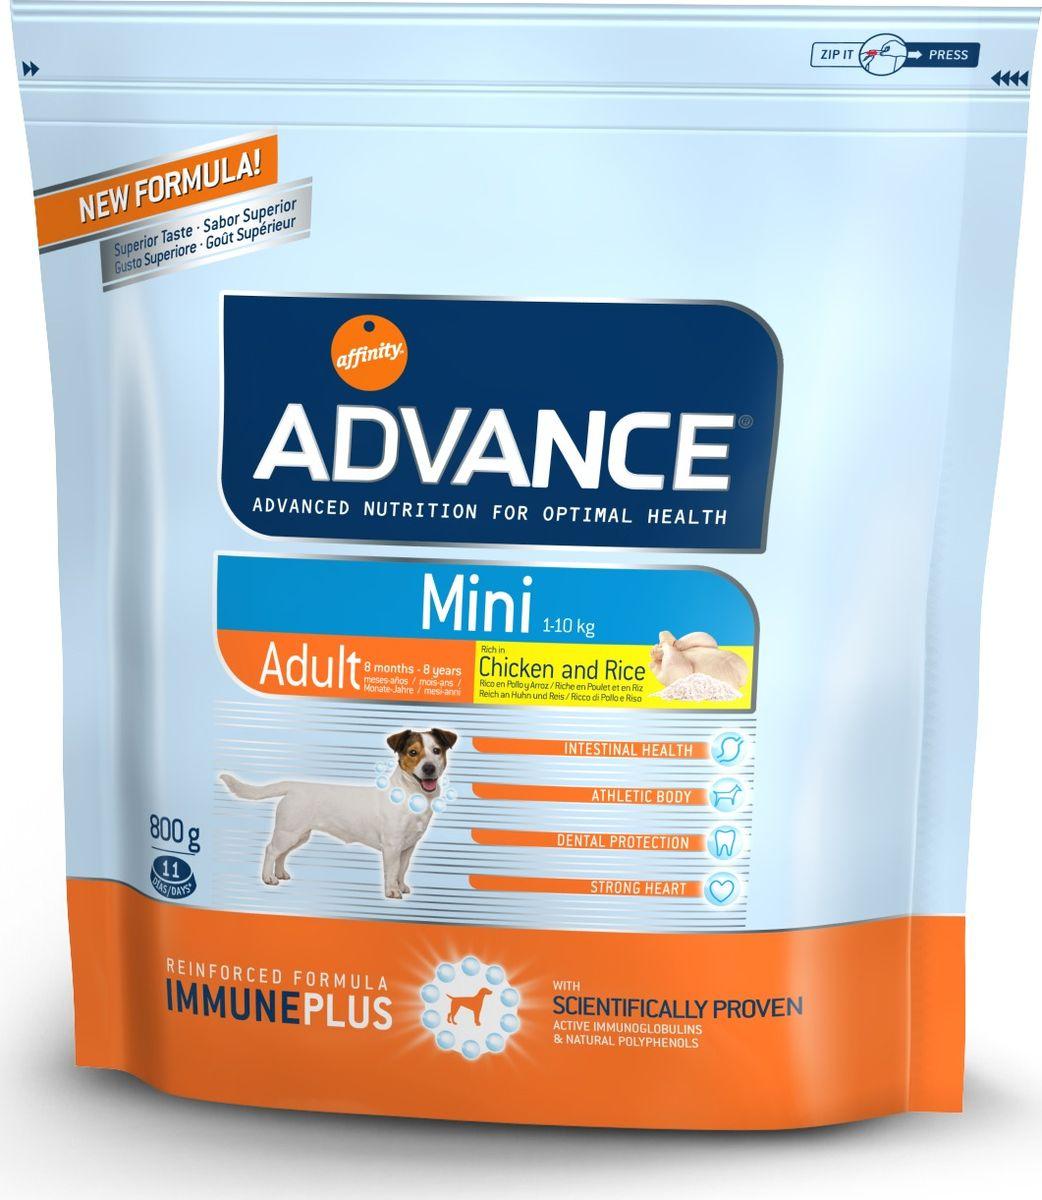 Корм сухой Advance Mini Adult для взрослых собак малых пород с 8 месяцев, 0,8 кг0120710Advance - высококачественный корм супер-премиум класса испанской компании Affinity Petcare, которая занимает лидирующие места на европейском и мировом рынках. Корм разработан с учетом всех особенностей развития и жизнедеятельности собак и кошек. В линейке кормов Advance любой хозяин может подобрать необходимое питание в соответствии с возрастом и уникальными особенностями своего животного, а также в случае назначения специалистами ветеринарной диеты. Affinity Petcare имеет собственную лабораторию, а также сотрудничает с множеством международных исследовательских центров, благодаря чему специалисты постоянно совершенствуют рецептуру и полезные свойства своих кормов. В составе главным источником белка является СВЕЖЕЕ мясо, благодаря которому корм обладает высокими вкусовыми качествами, а также высокой питательной ценностью. Состав: курица (20%), рис (15%), дегидрированное мясо курицы, пшеница, маисовый глютен, животный жир, маис, гидролизированный белок животного происхождения, свекольный жом, рыбий жир, яичный порошок, дрожжи, хлористый калий, плазменный протеин, пирофосфорнокислый натрий, карбонат кальция, соль, природные полифенолы. Анализ: протеин 28%, жиры 19%, сырые волокна 2%, неорганическое вещество 6,5%, кальций 1,3%, фосфор 1%, влажность 9%.Энергетическая ценность 3890 ккал/кг.